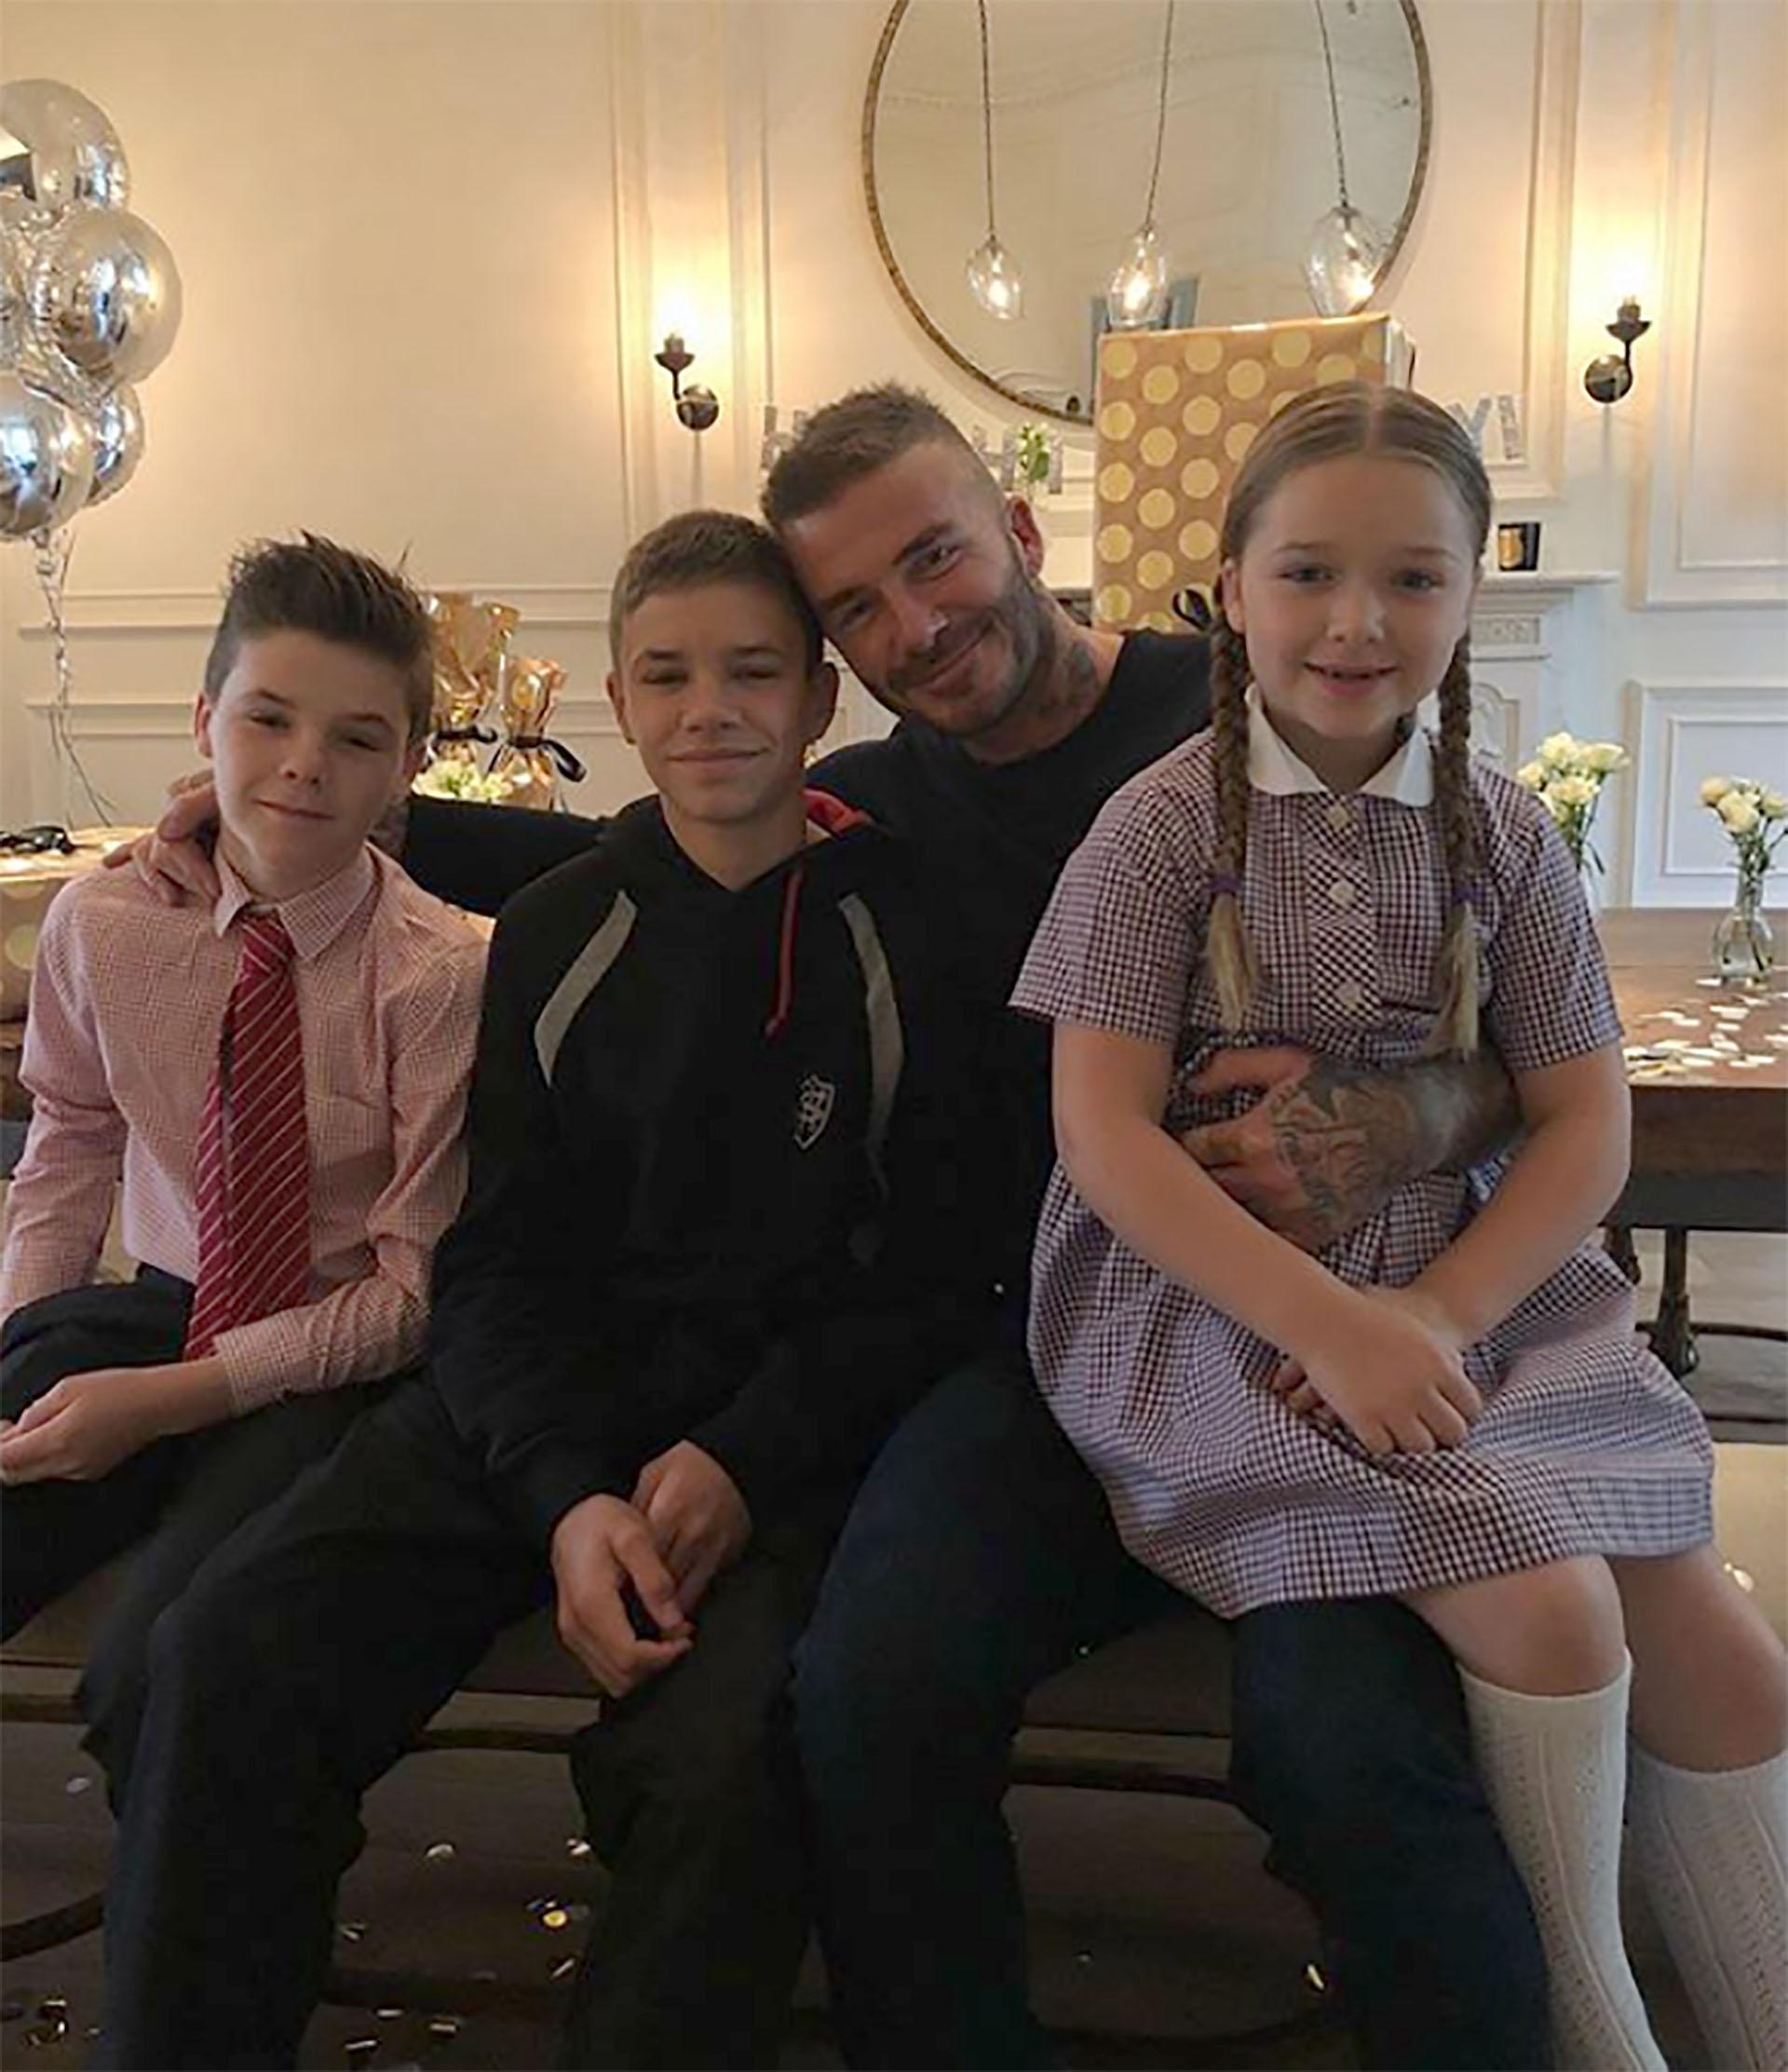 David Beckham festejó su cumpleaños con su esposa e hijos en Londres. (Instagram)